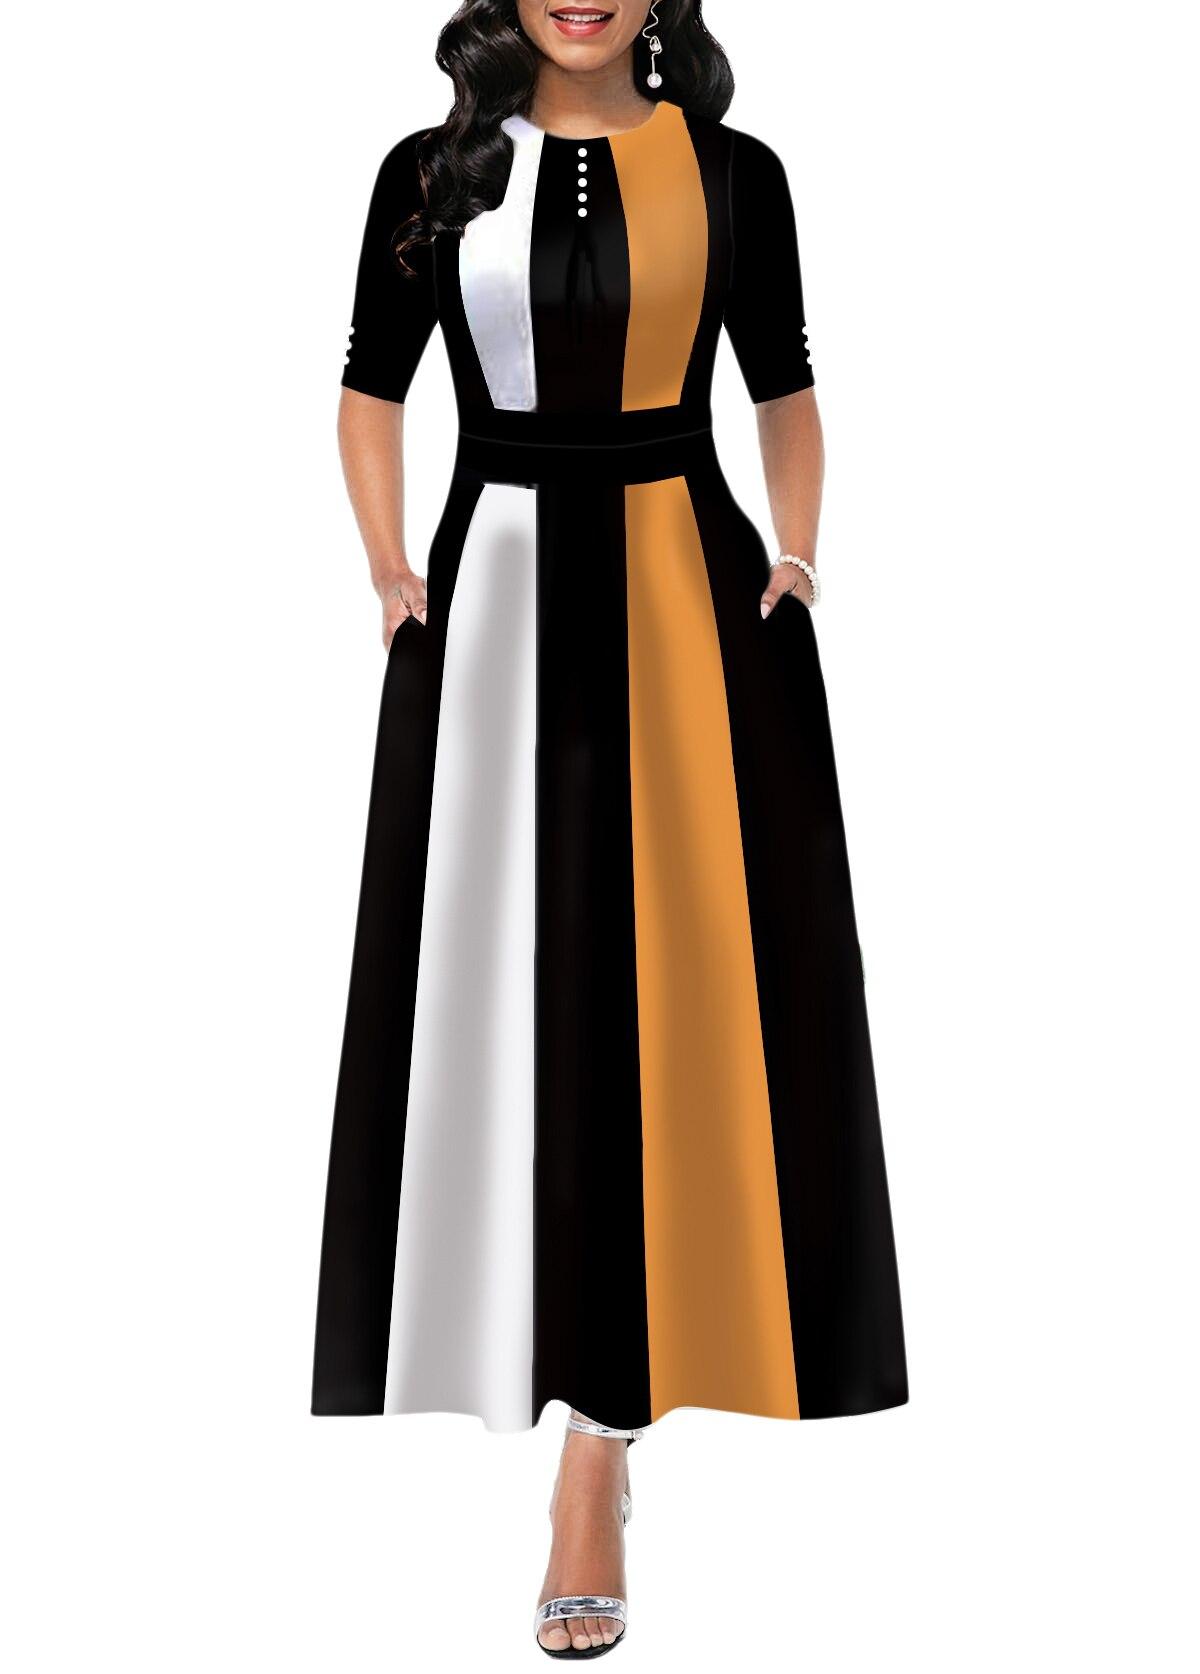 2021 nova moda feminina casual vestido de festa feminina sexy meia mangas listrado vestido longo elegante vestidos de linha a outfits S-2XL